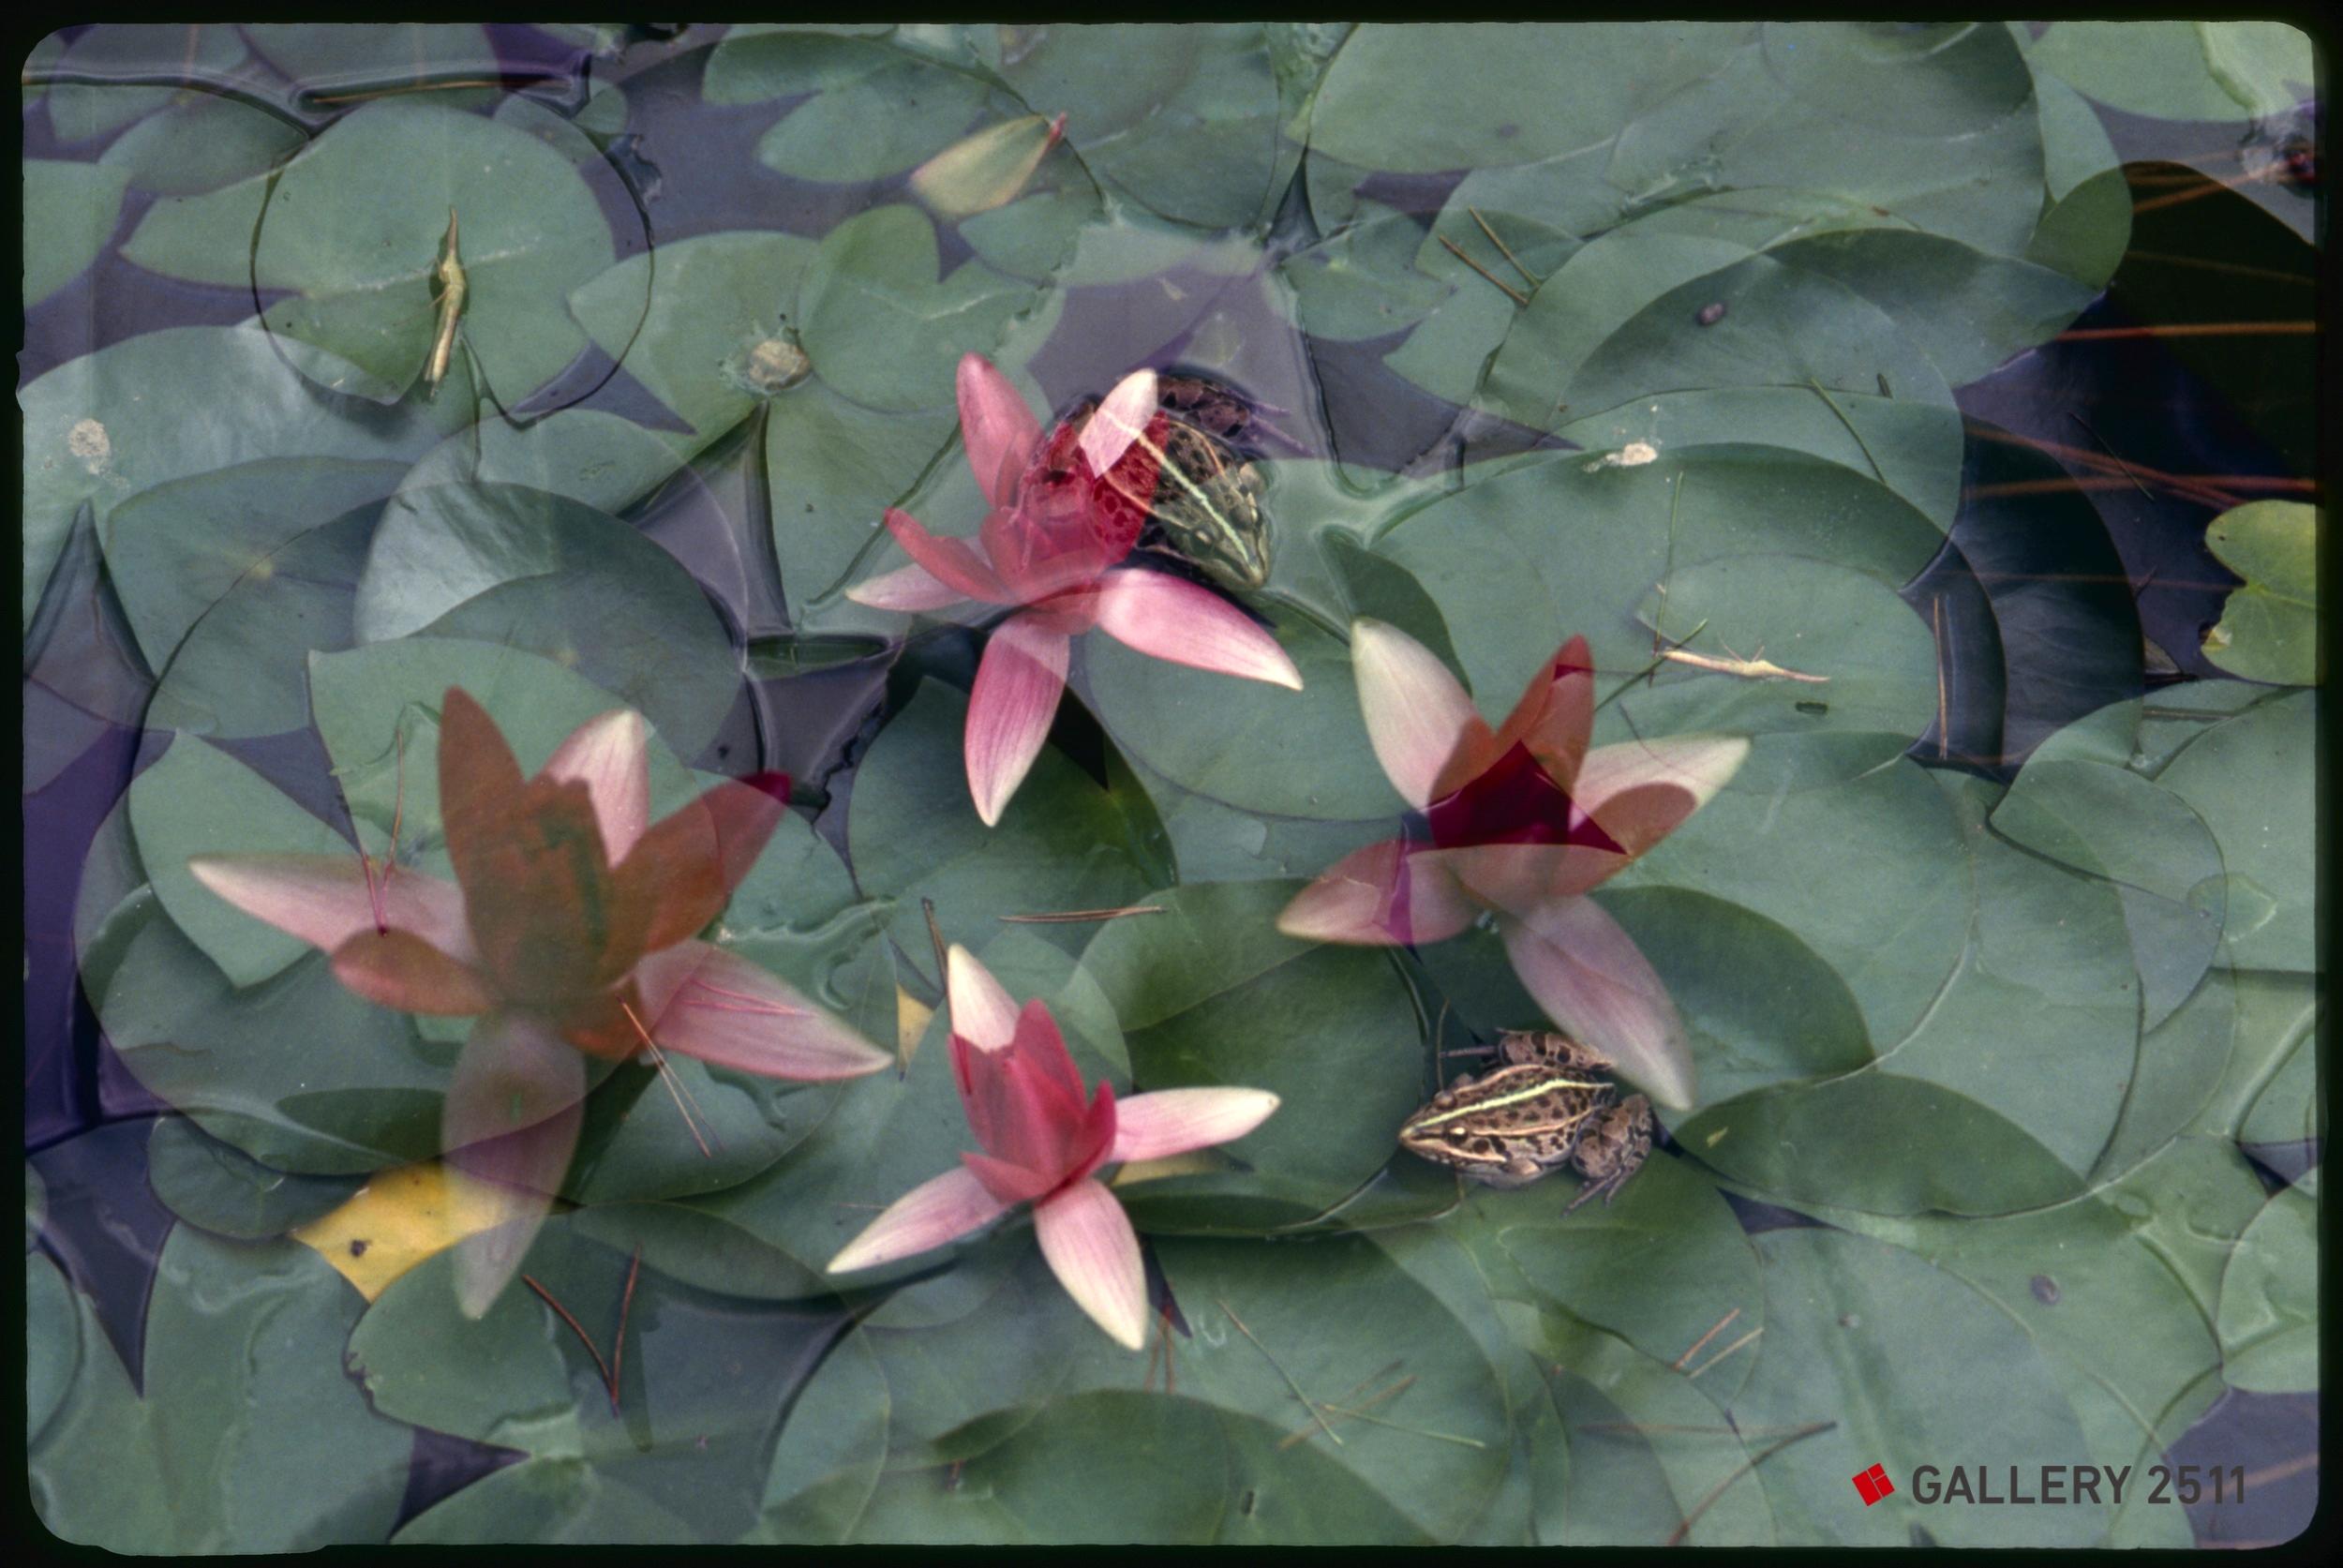 Frog hide-and-seek